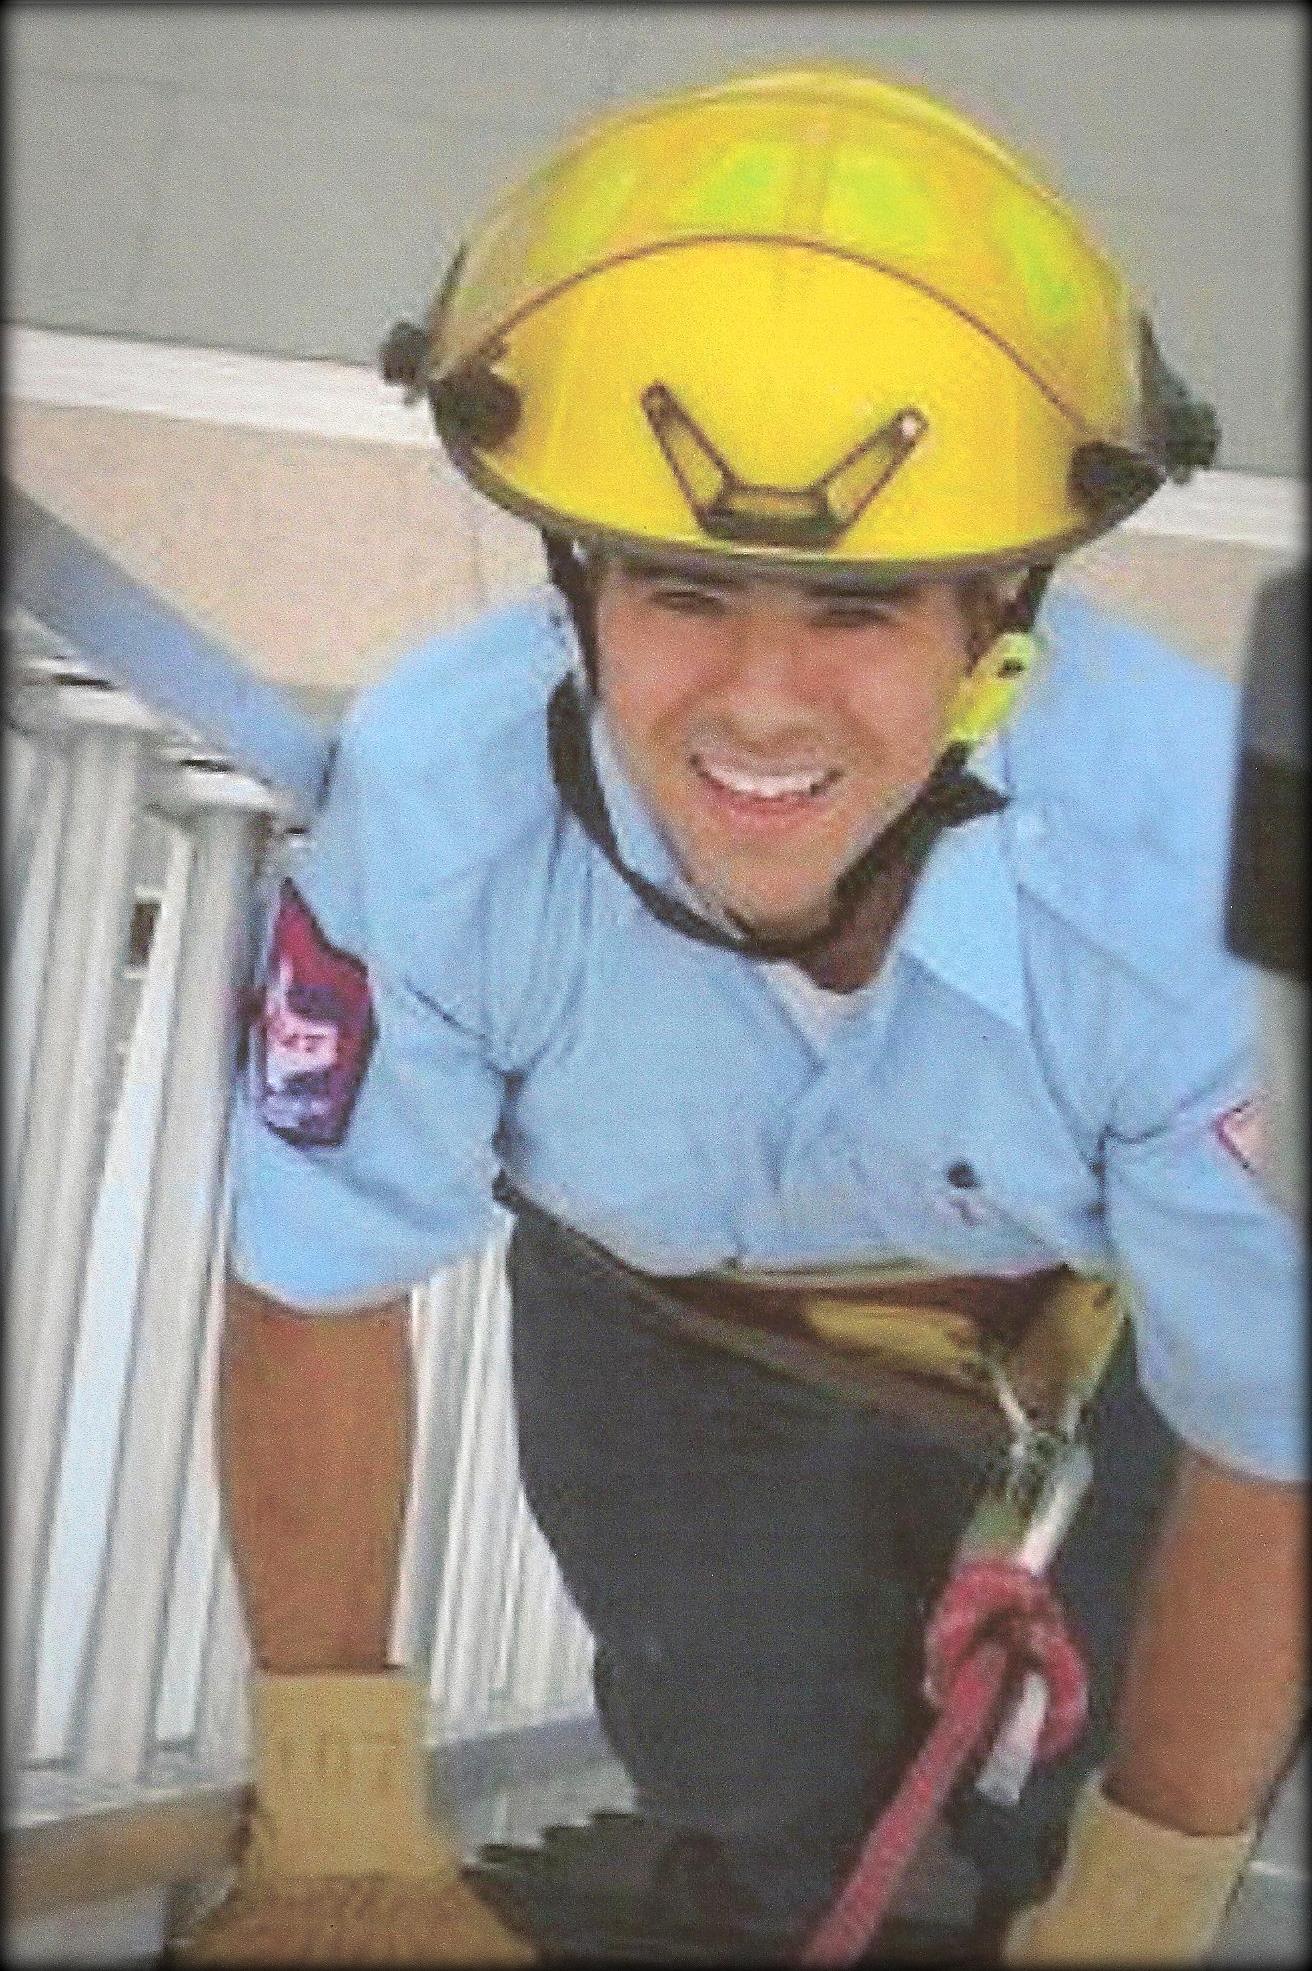 Bill on a fire ladder.